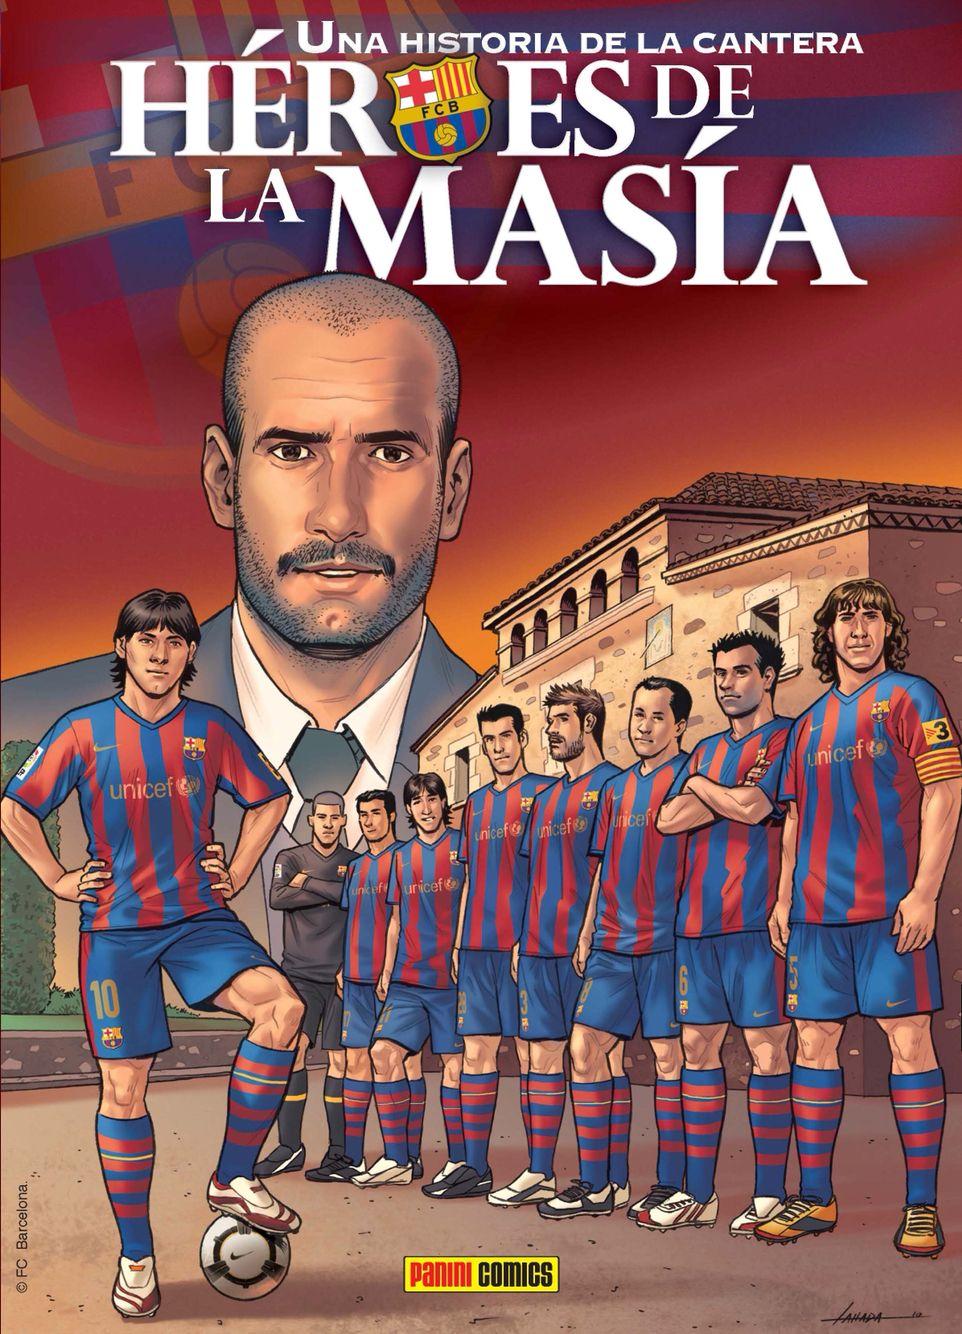 Masia!! Fútbol de barcelona, Imágenes de fútbol, Fotos